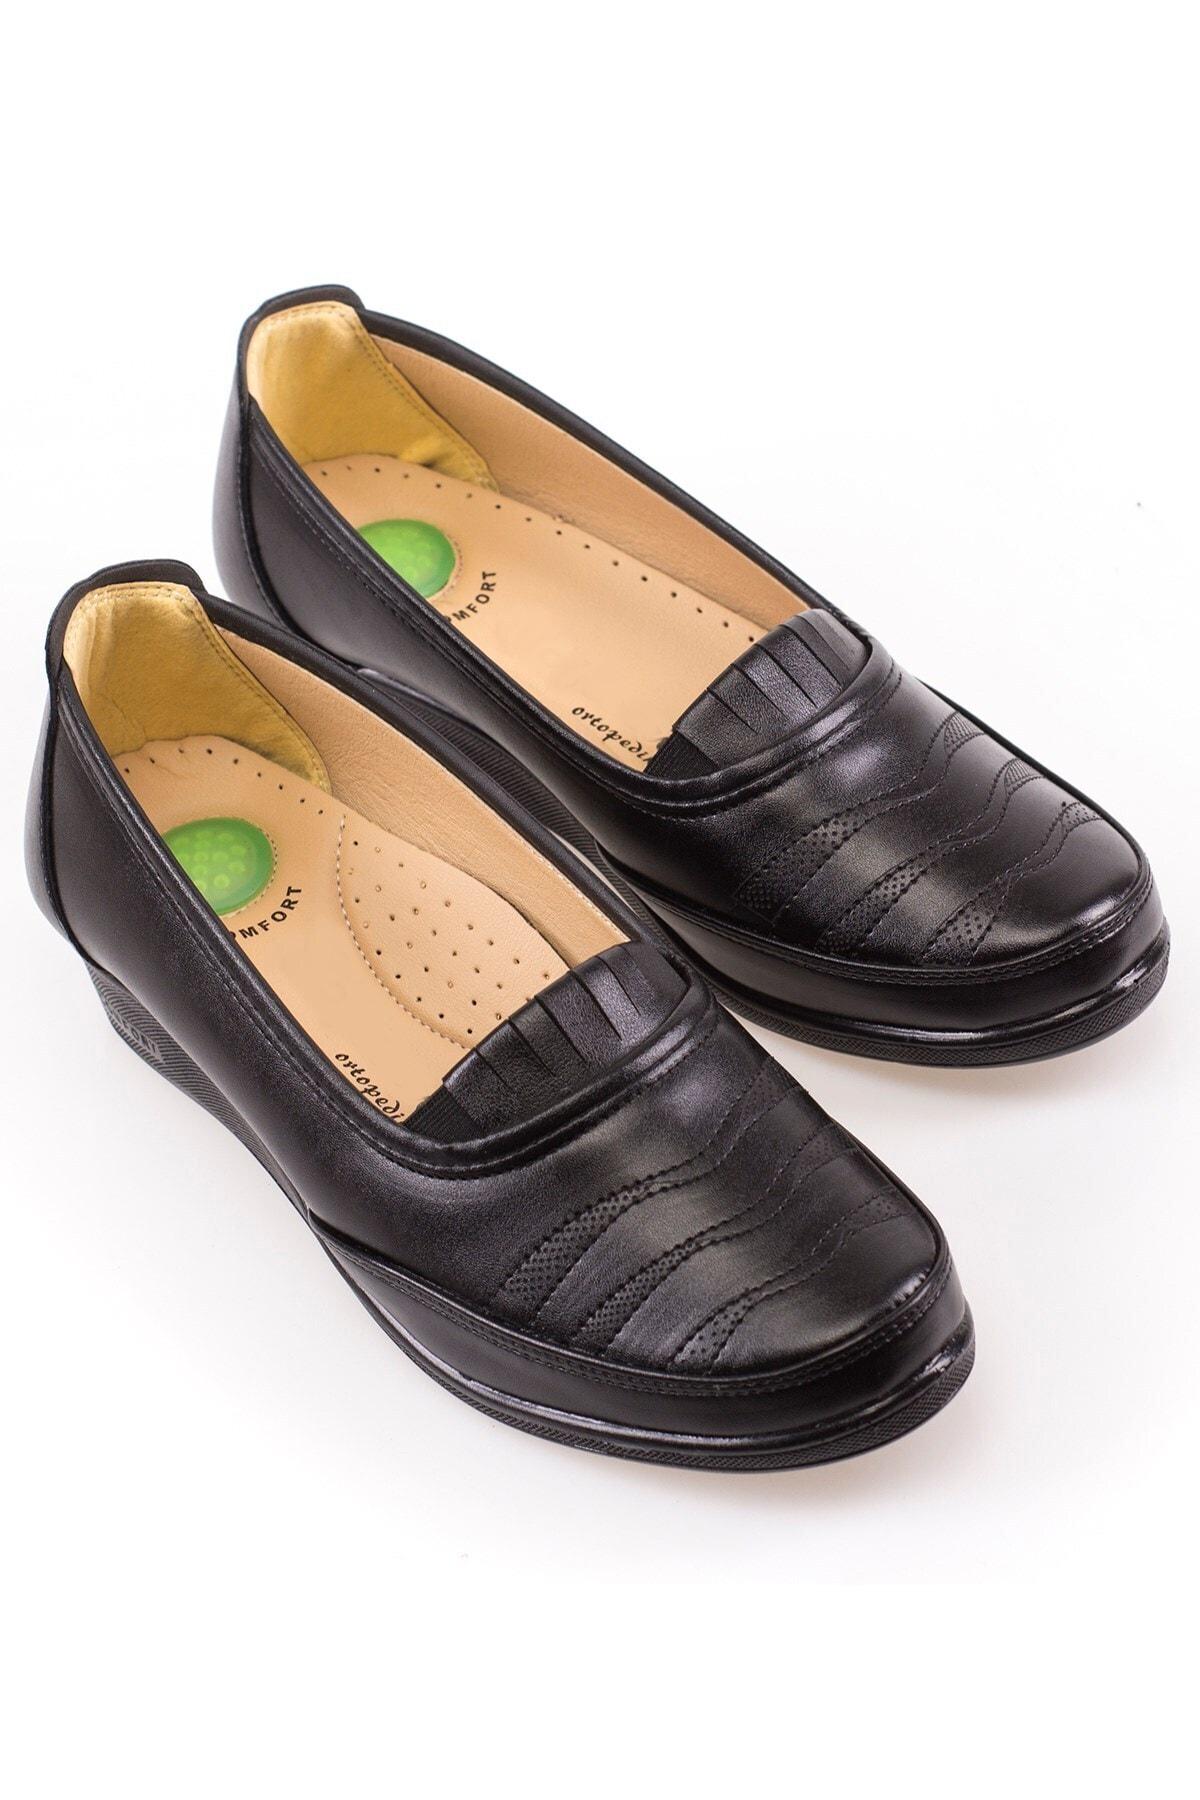 Jel Tabanlı, Tam Ortopedik, Çok Hafif, Anne Ayakkabısı